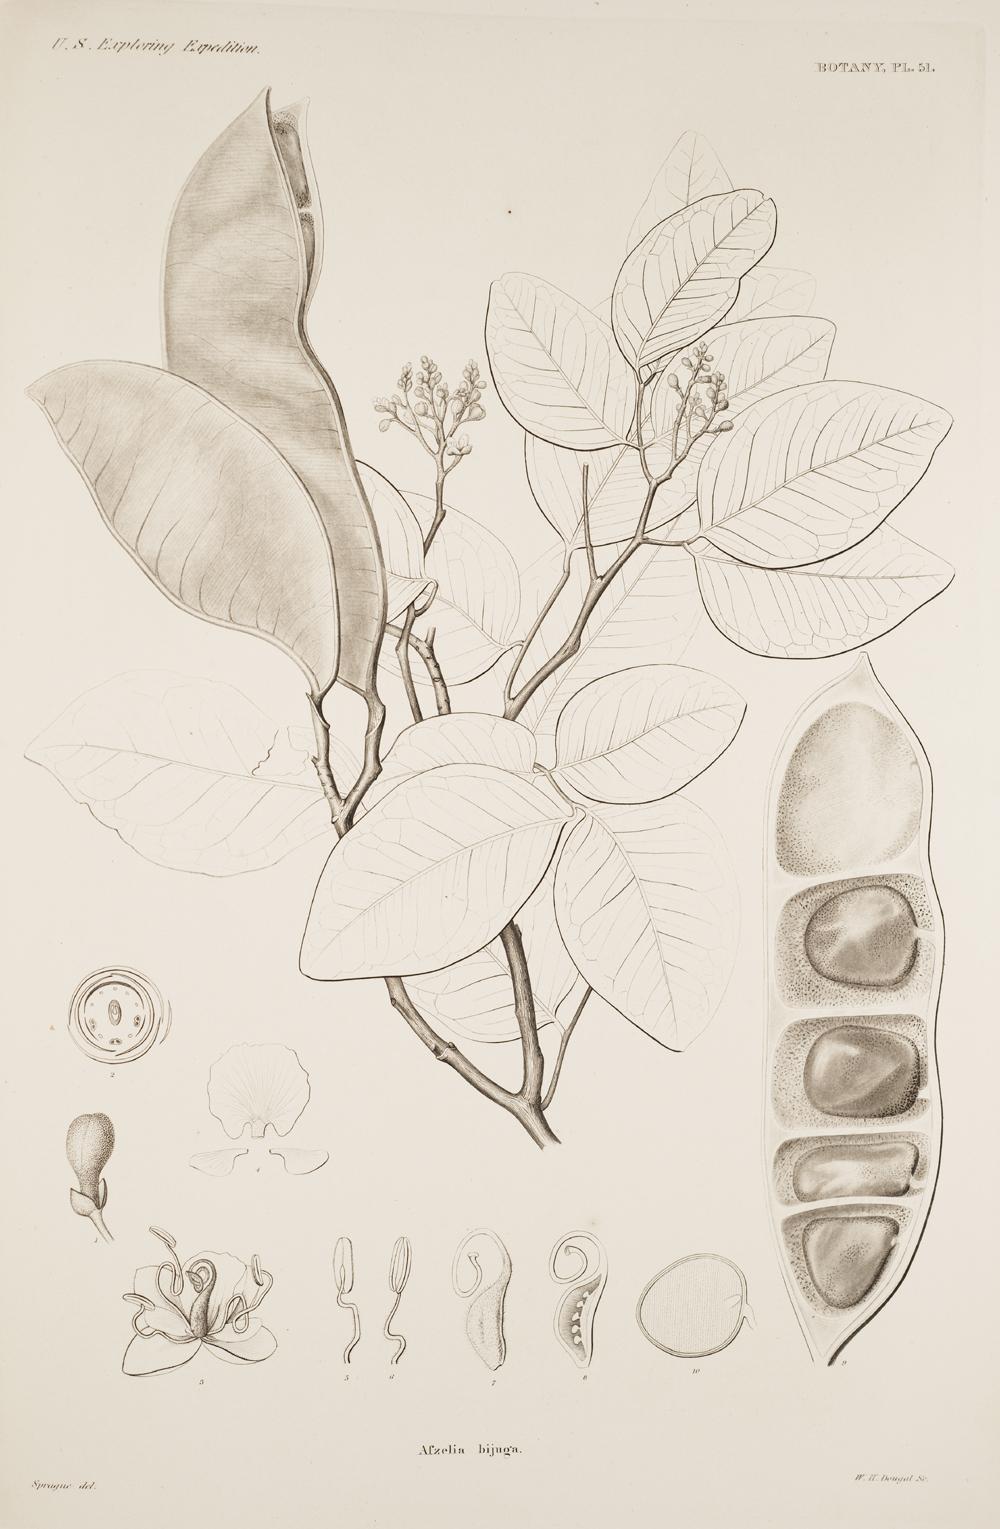 Botany, Pl. 51,  Image number:sil19-23-113b